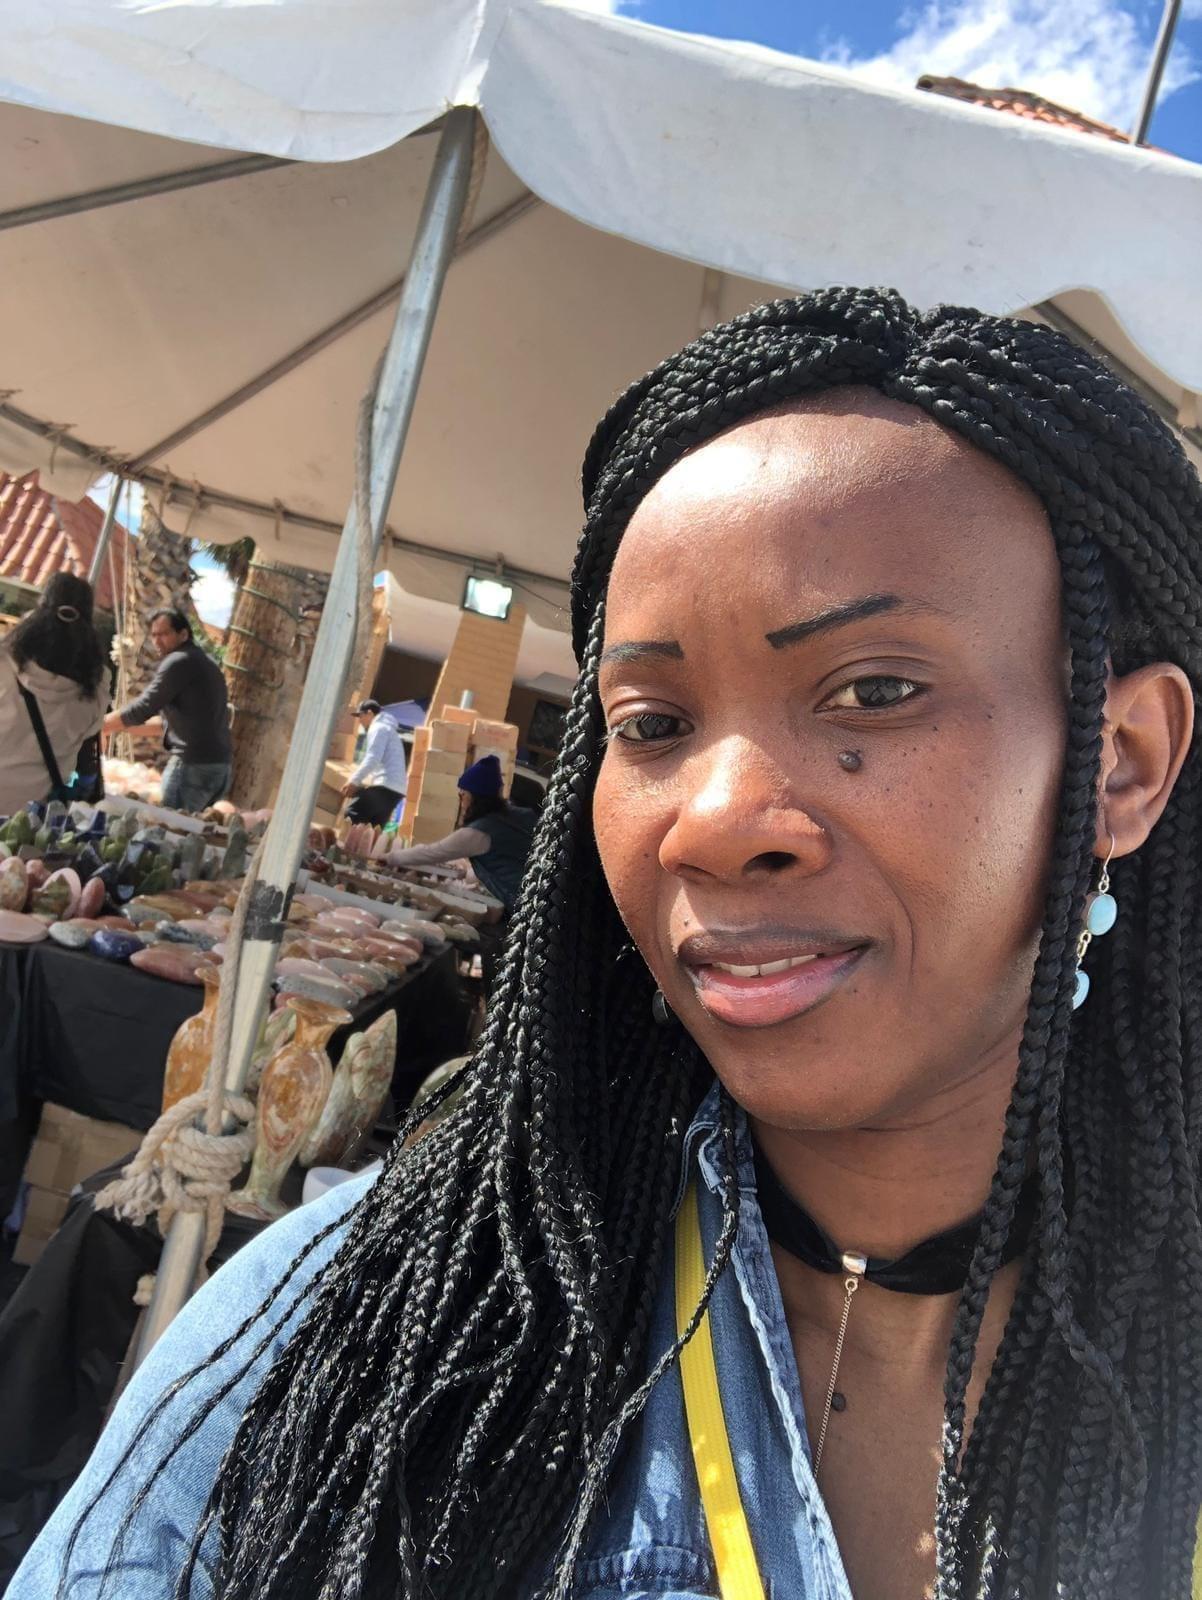 Merveille Ouédraogo: De vendeuse de gâteaux au Burkina Faso au commerce de pierres précieuses aux USA